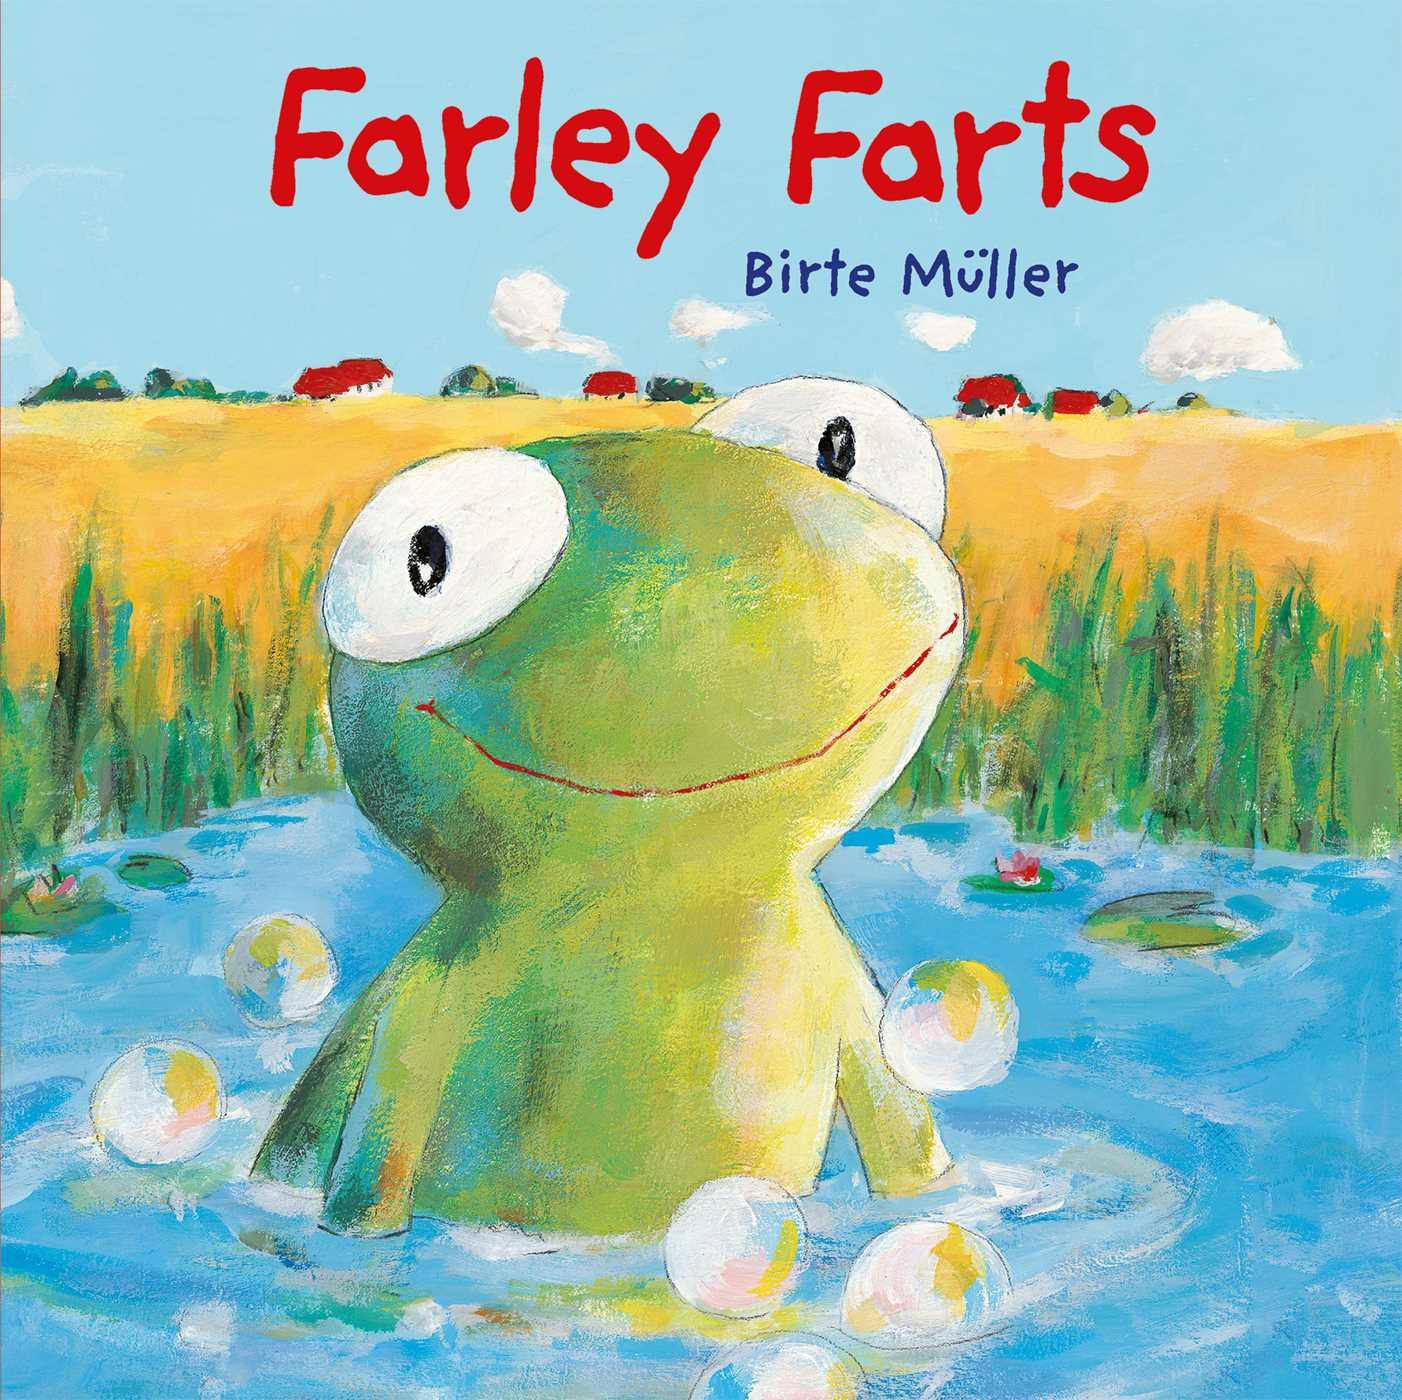 Farley farts 9780735841659 hr